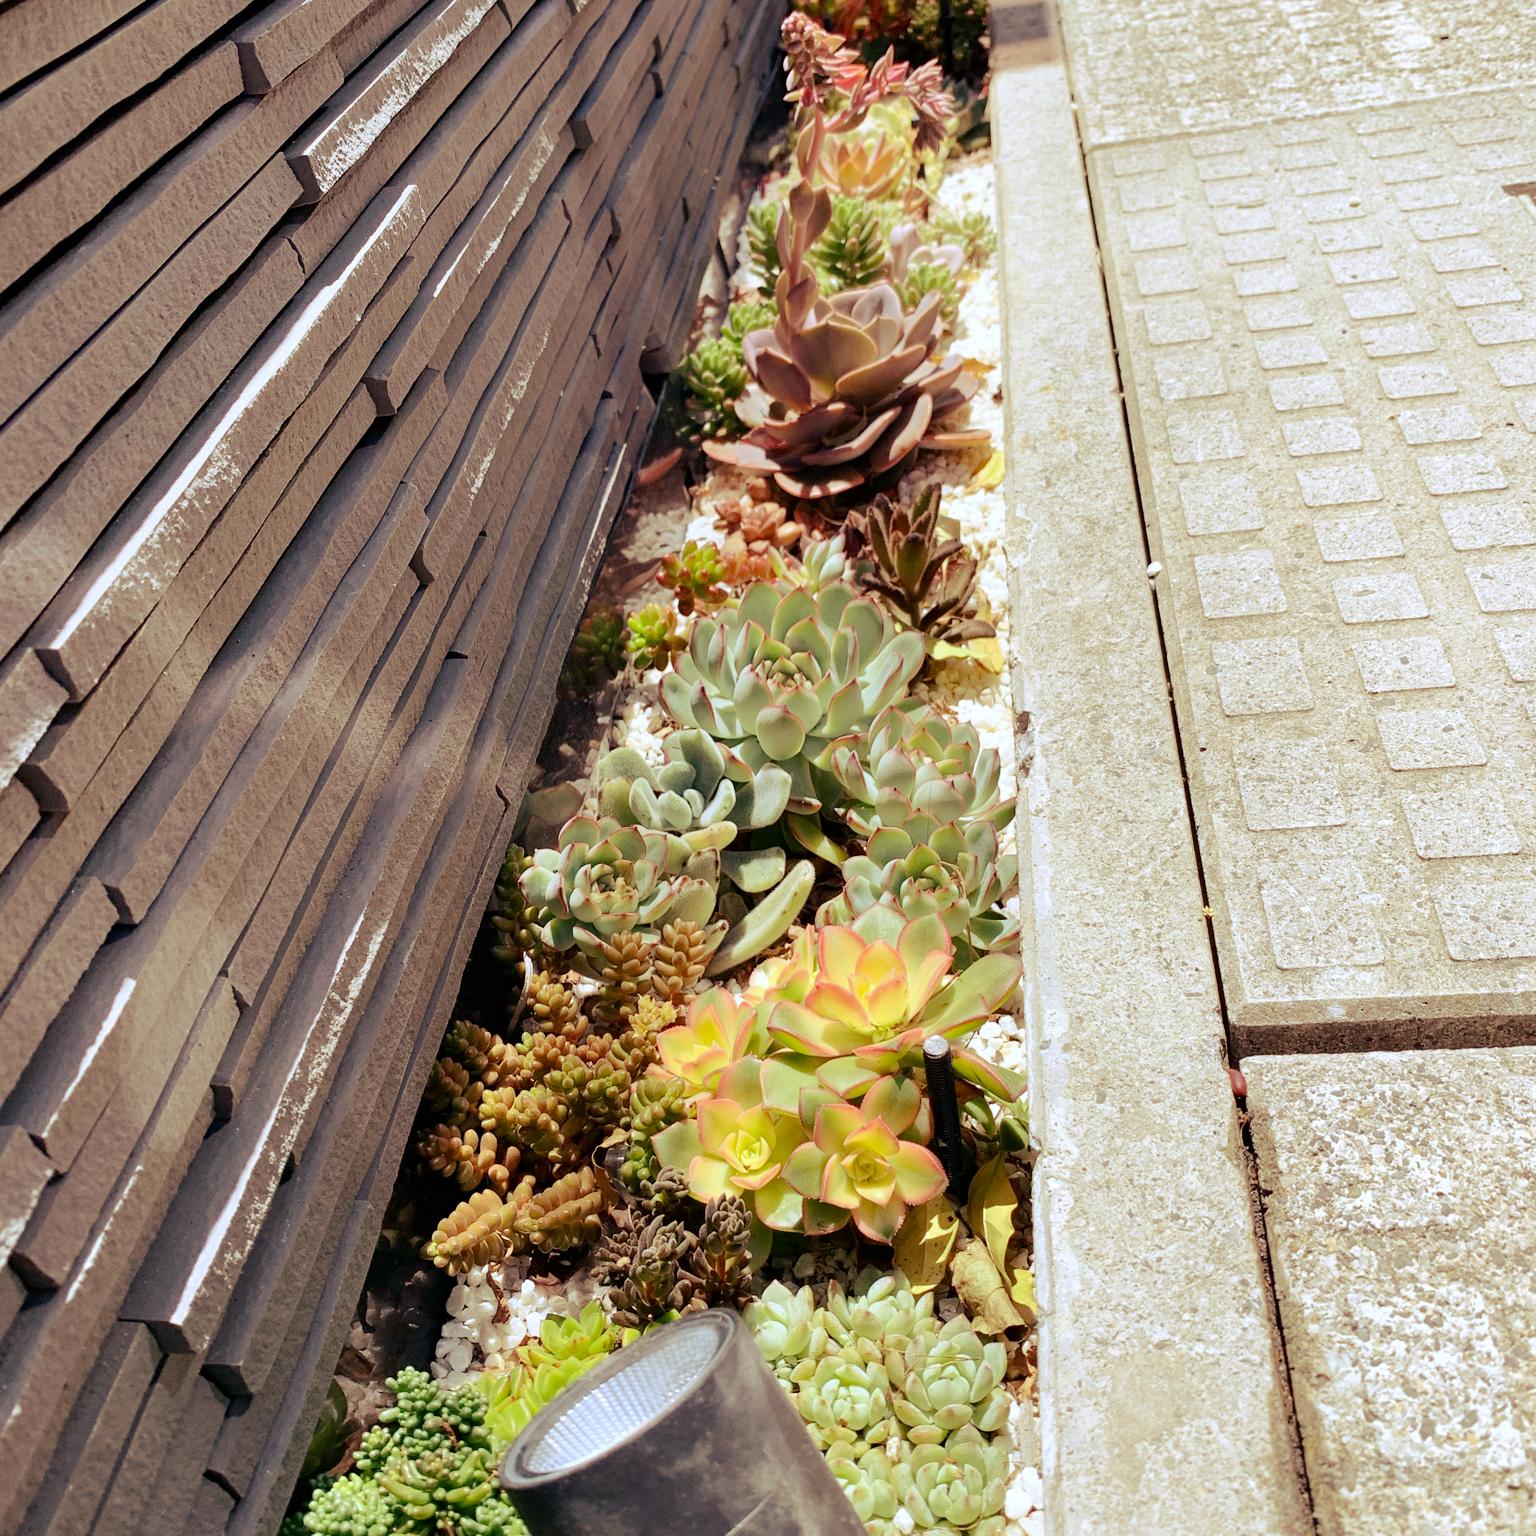 ガーデニング/多肉植物/玄関/入り口のインテリア実例 - 2021-05-10 10:55:24